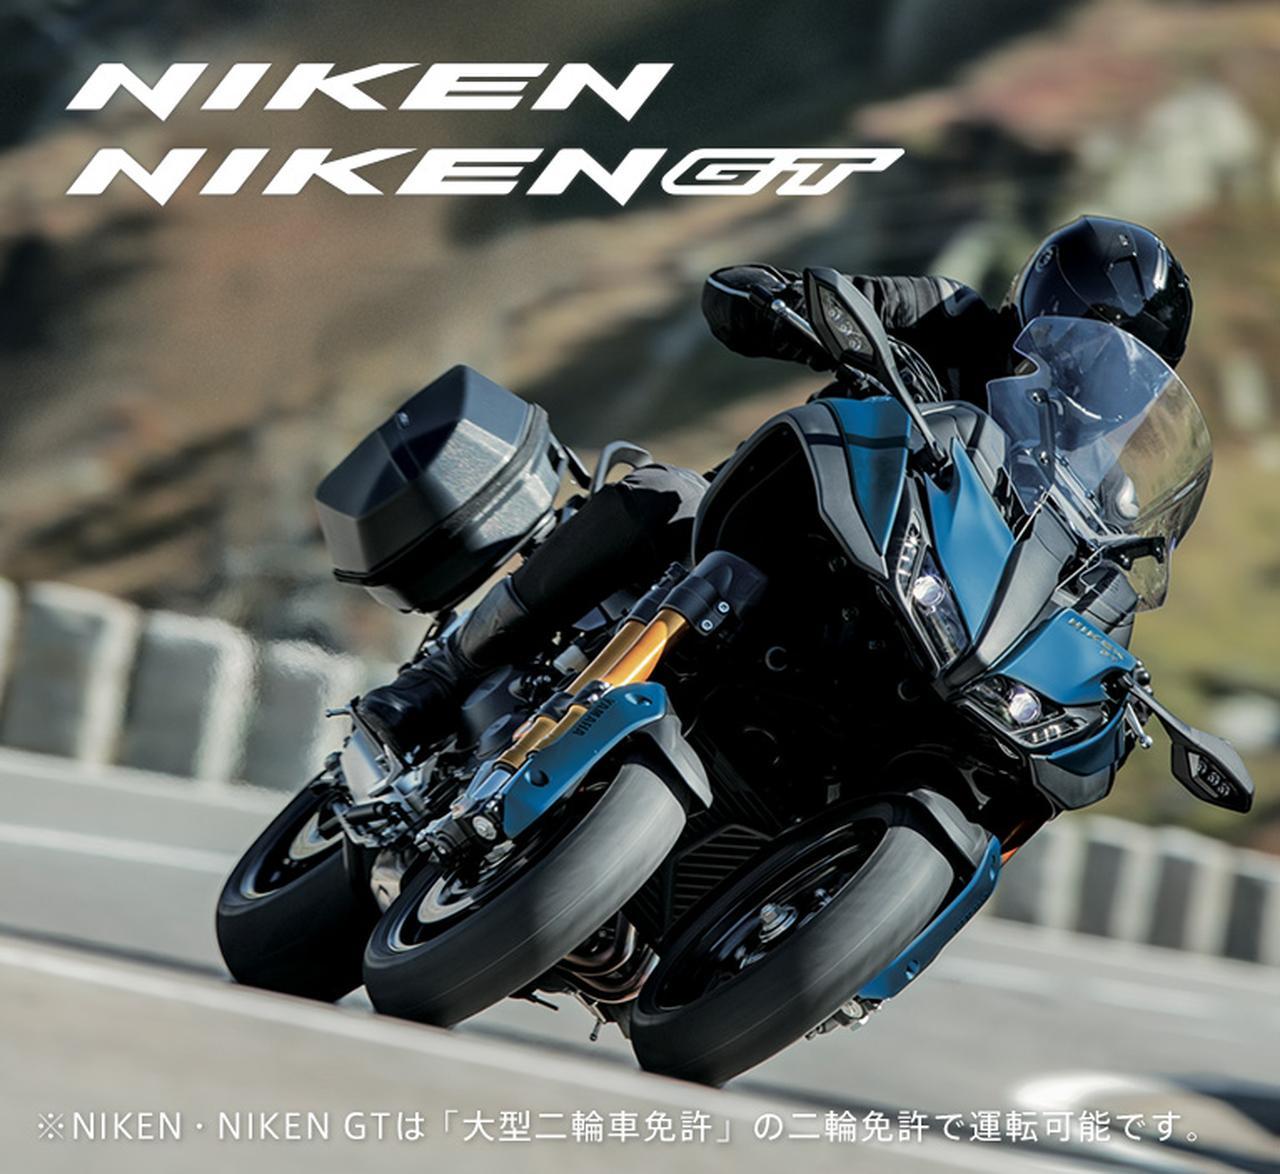 画像: NIKEN - バイク・スクーター ヤマハ発動機株式会社